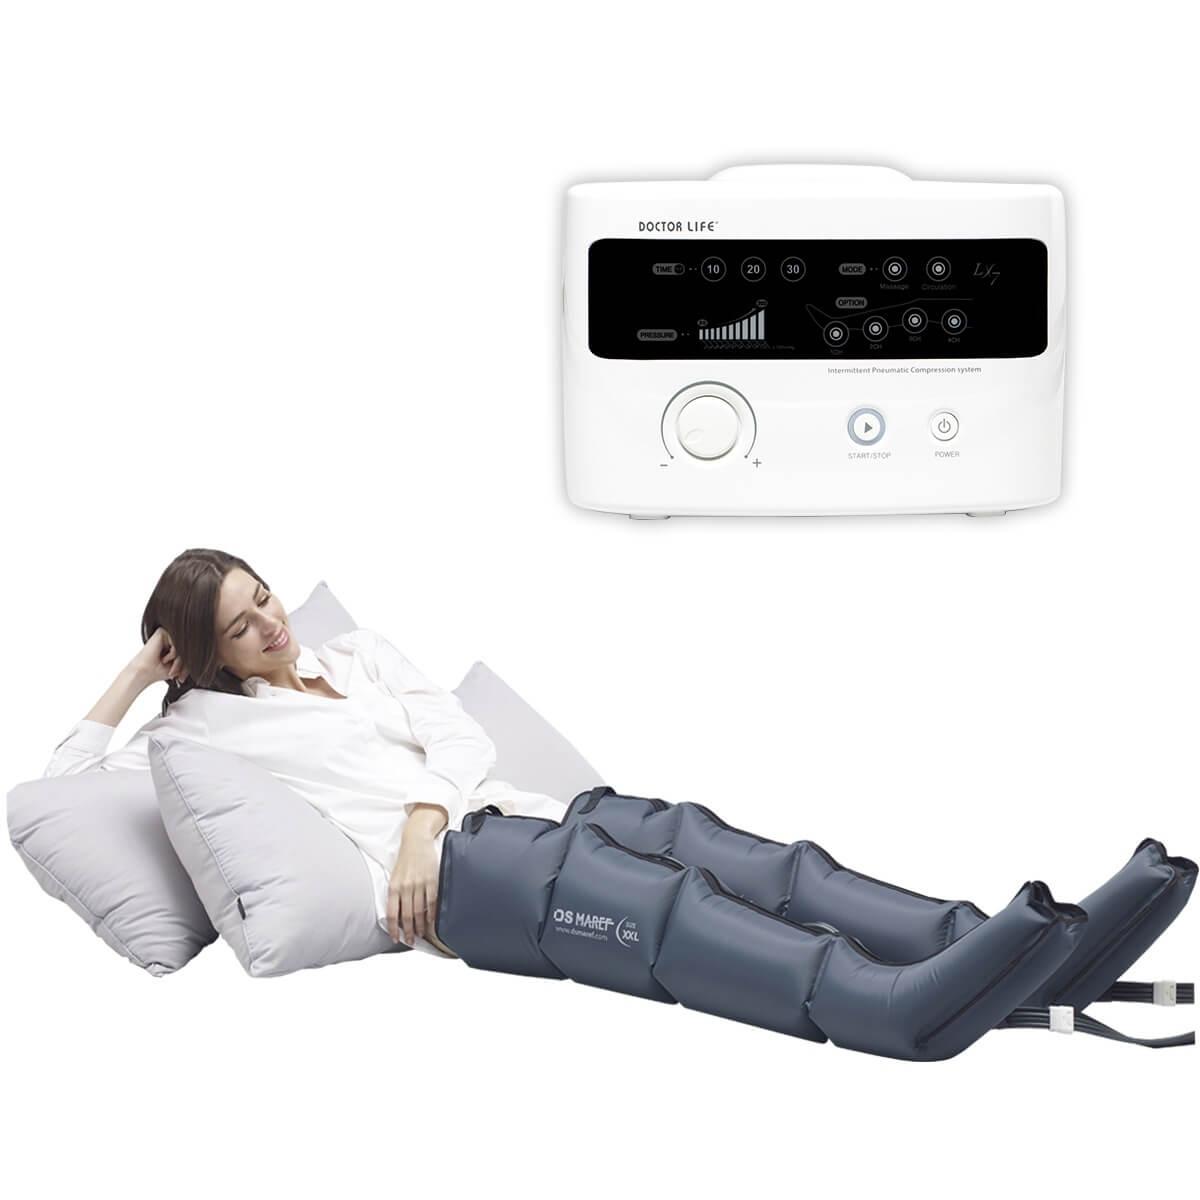 Doctor life LX7 - Рейтинг аппаратов для прессотерапии